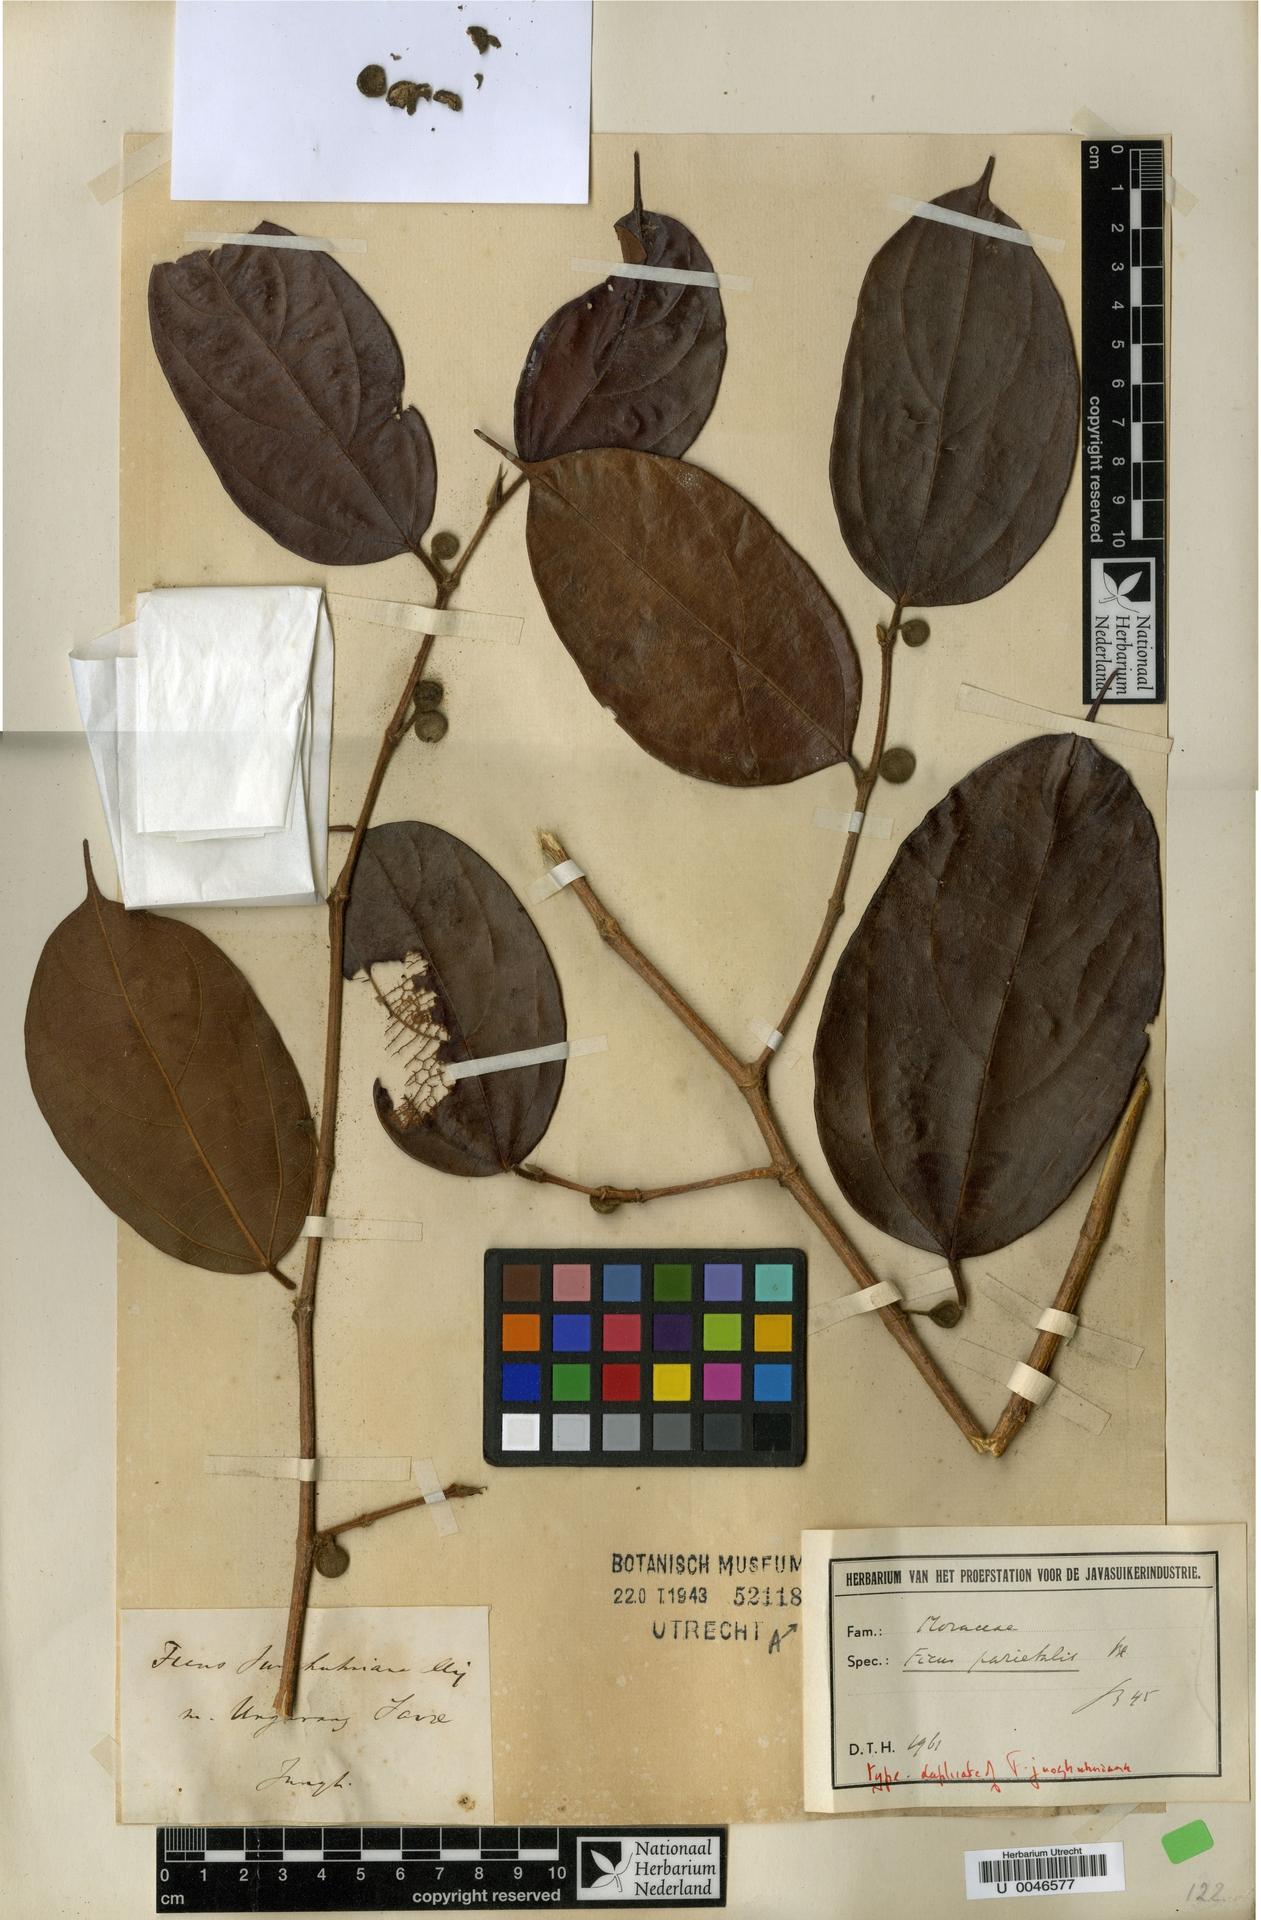 U  0046577 | Ficus parietalis Blume